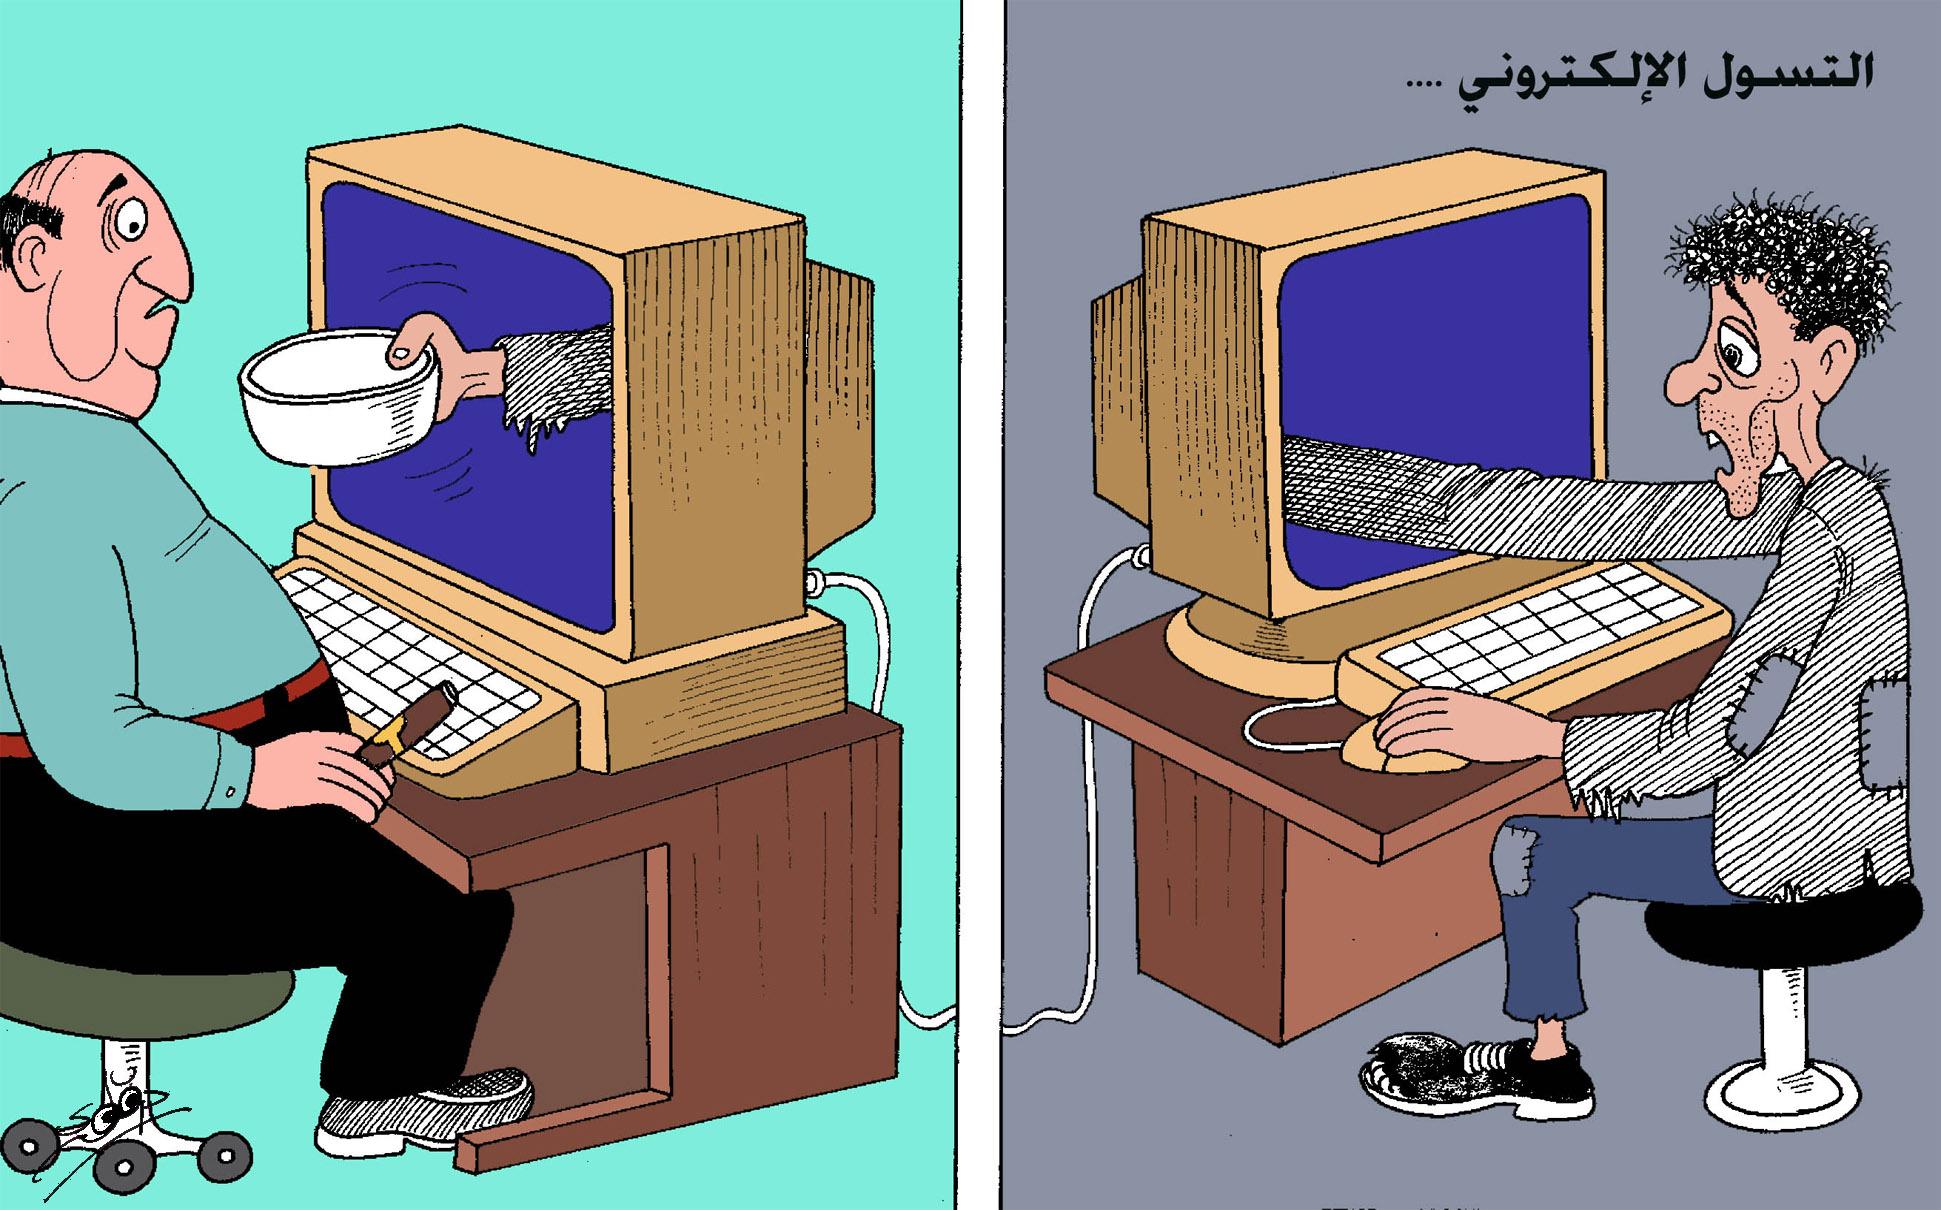 التسول الالكتروني